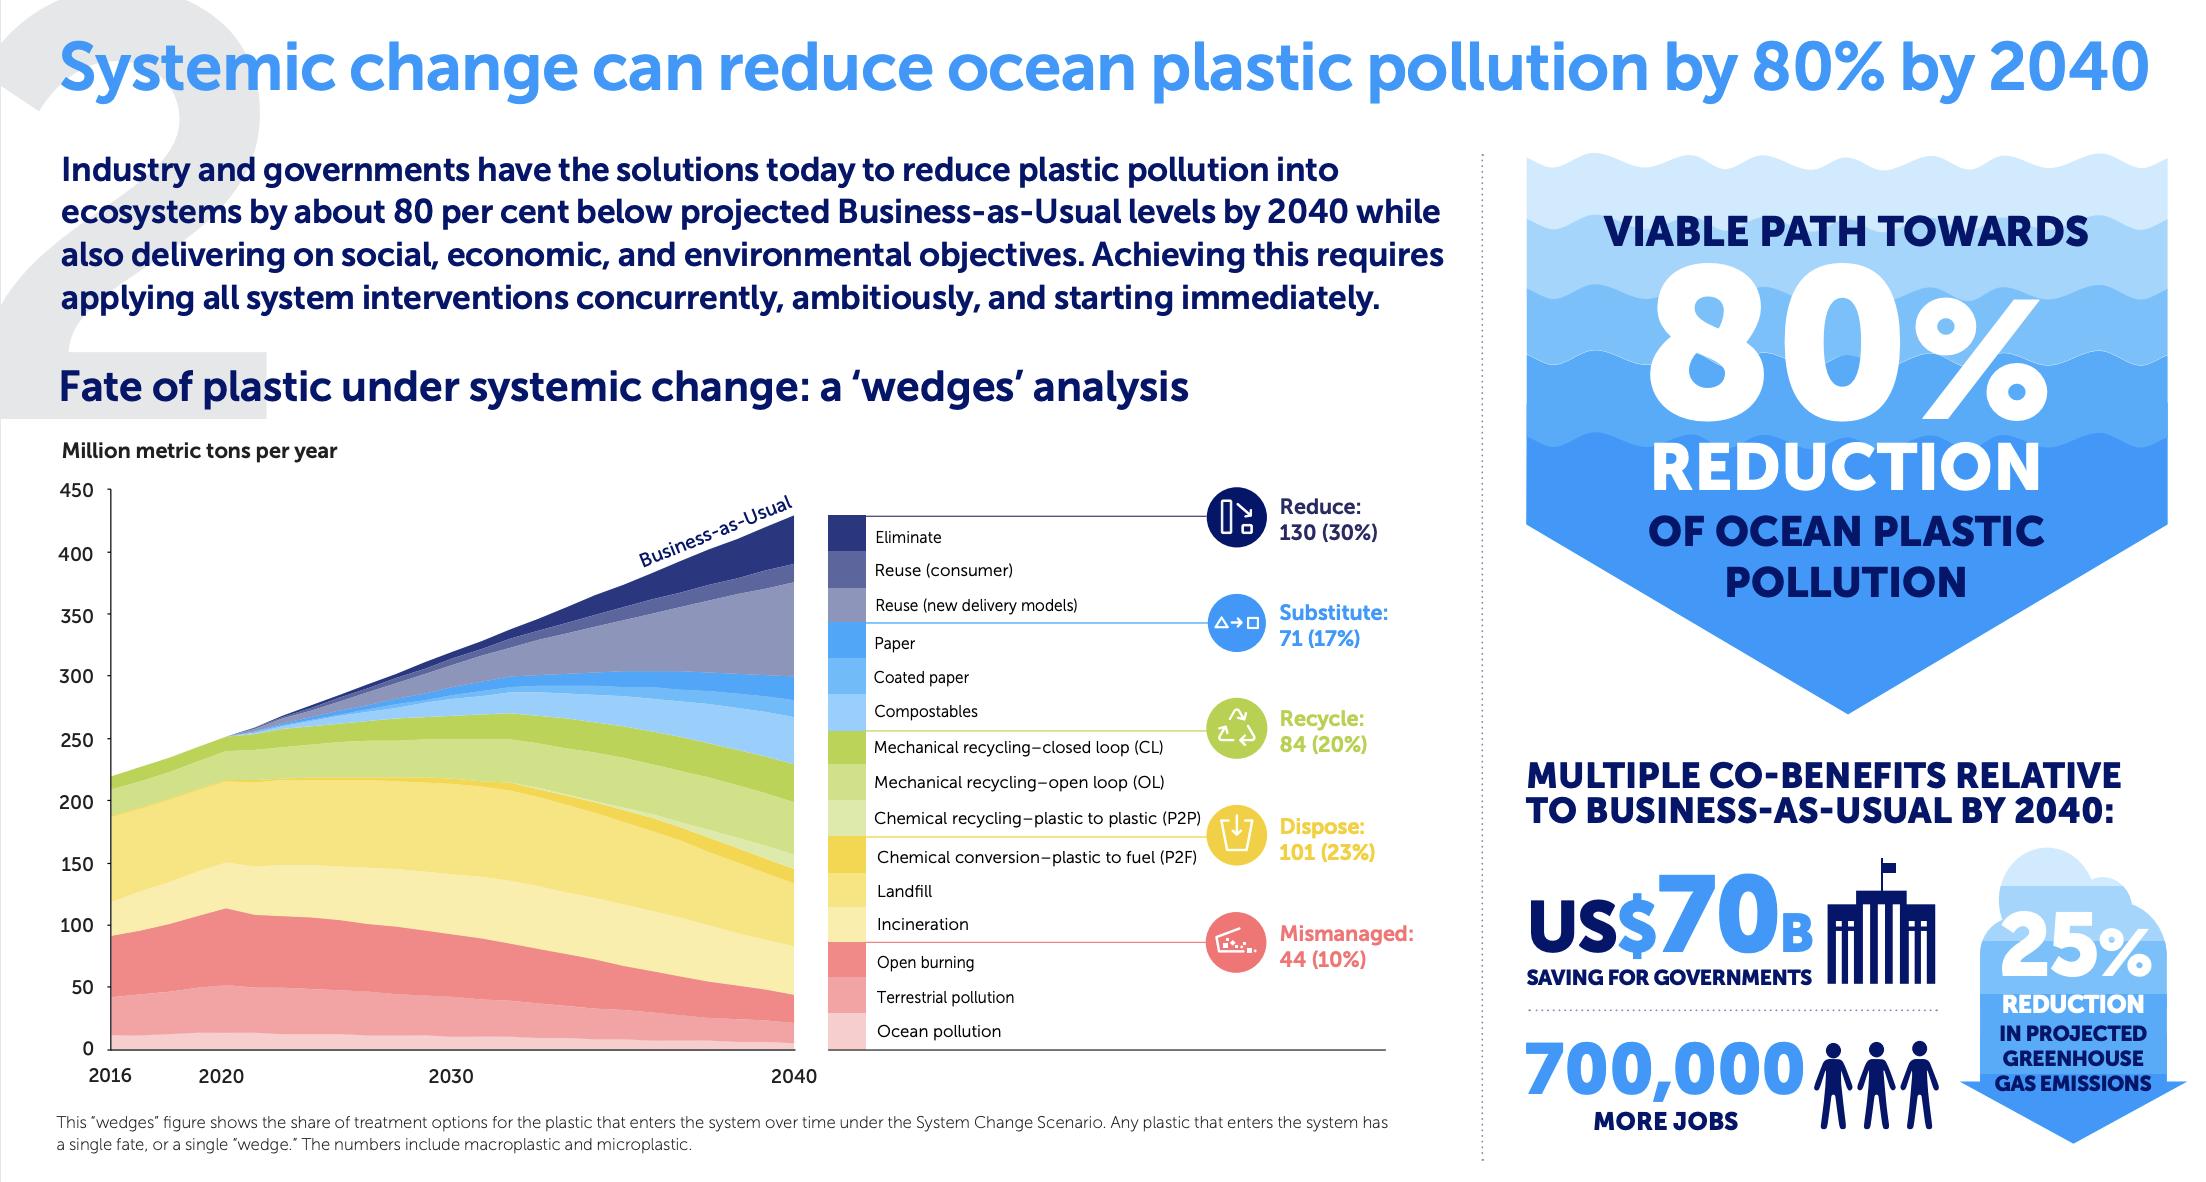 Podemos reducir la cantidad de plásticos que llegan al océano en un 80%